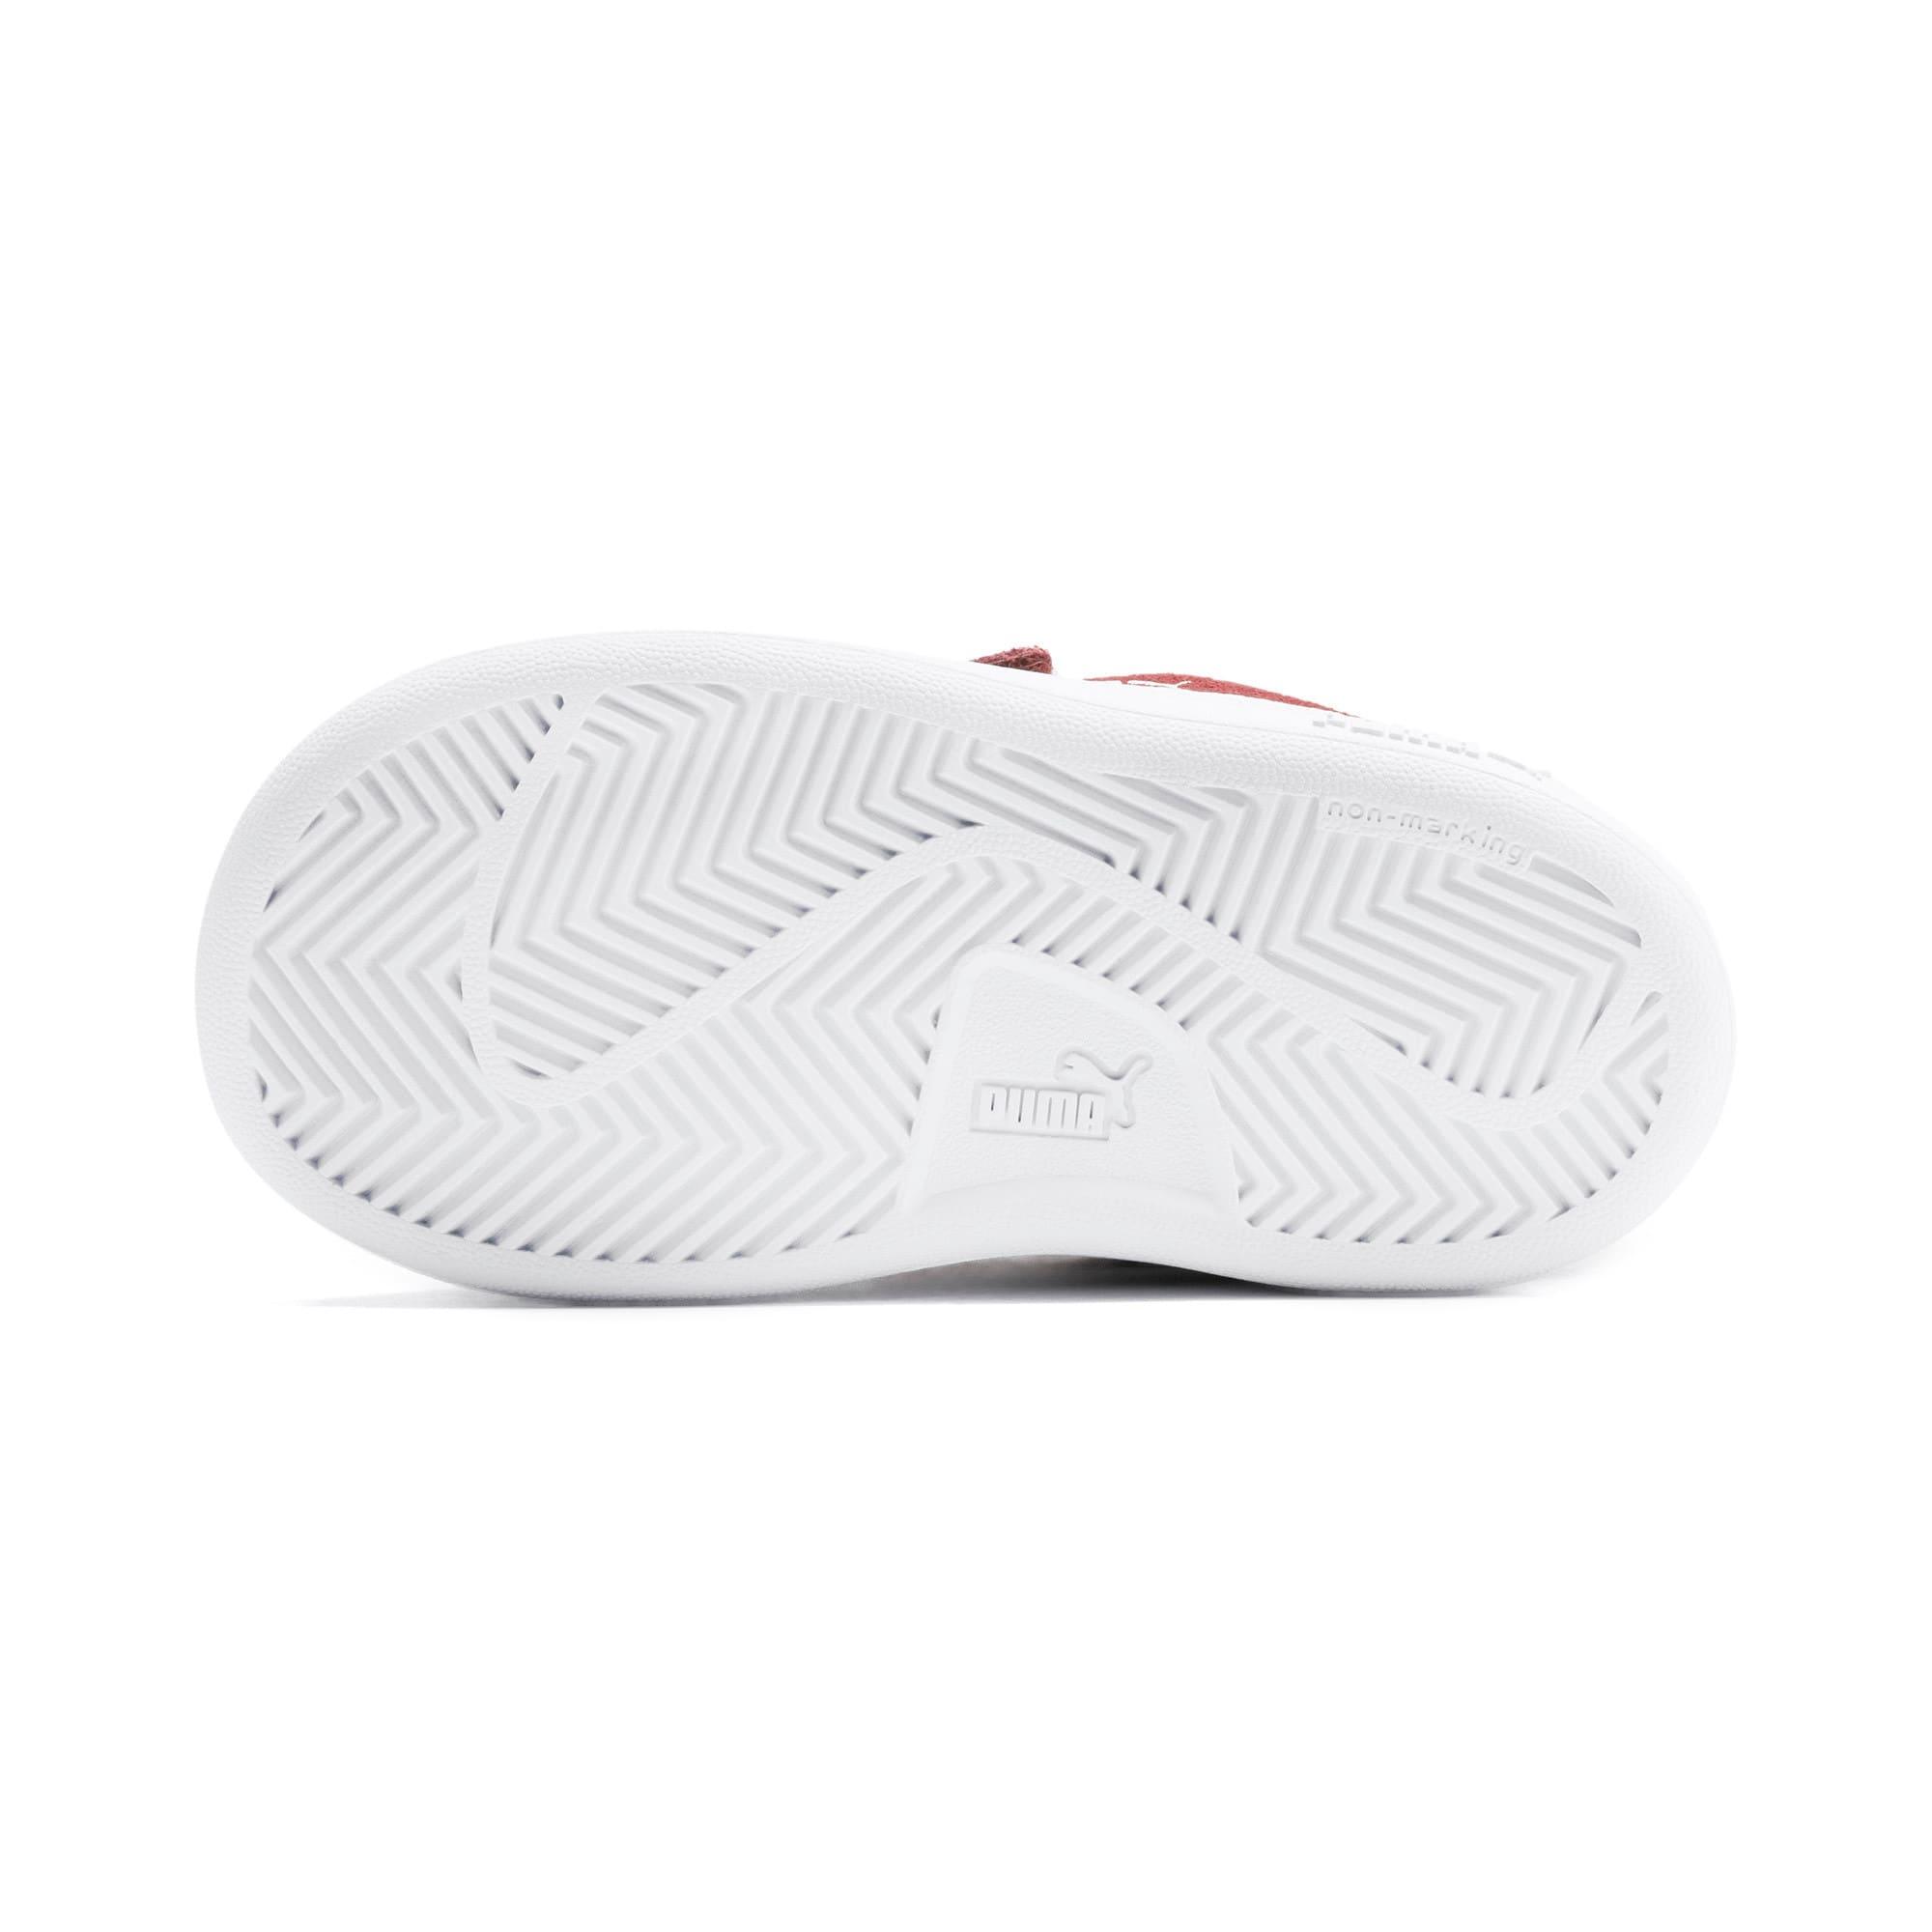 Thumbnail 4 of PUMA Smash v2 Suede Toddler Shoes, Rhubarb-Puma White, medium